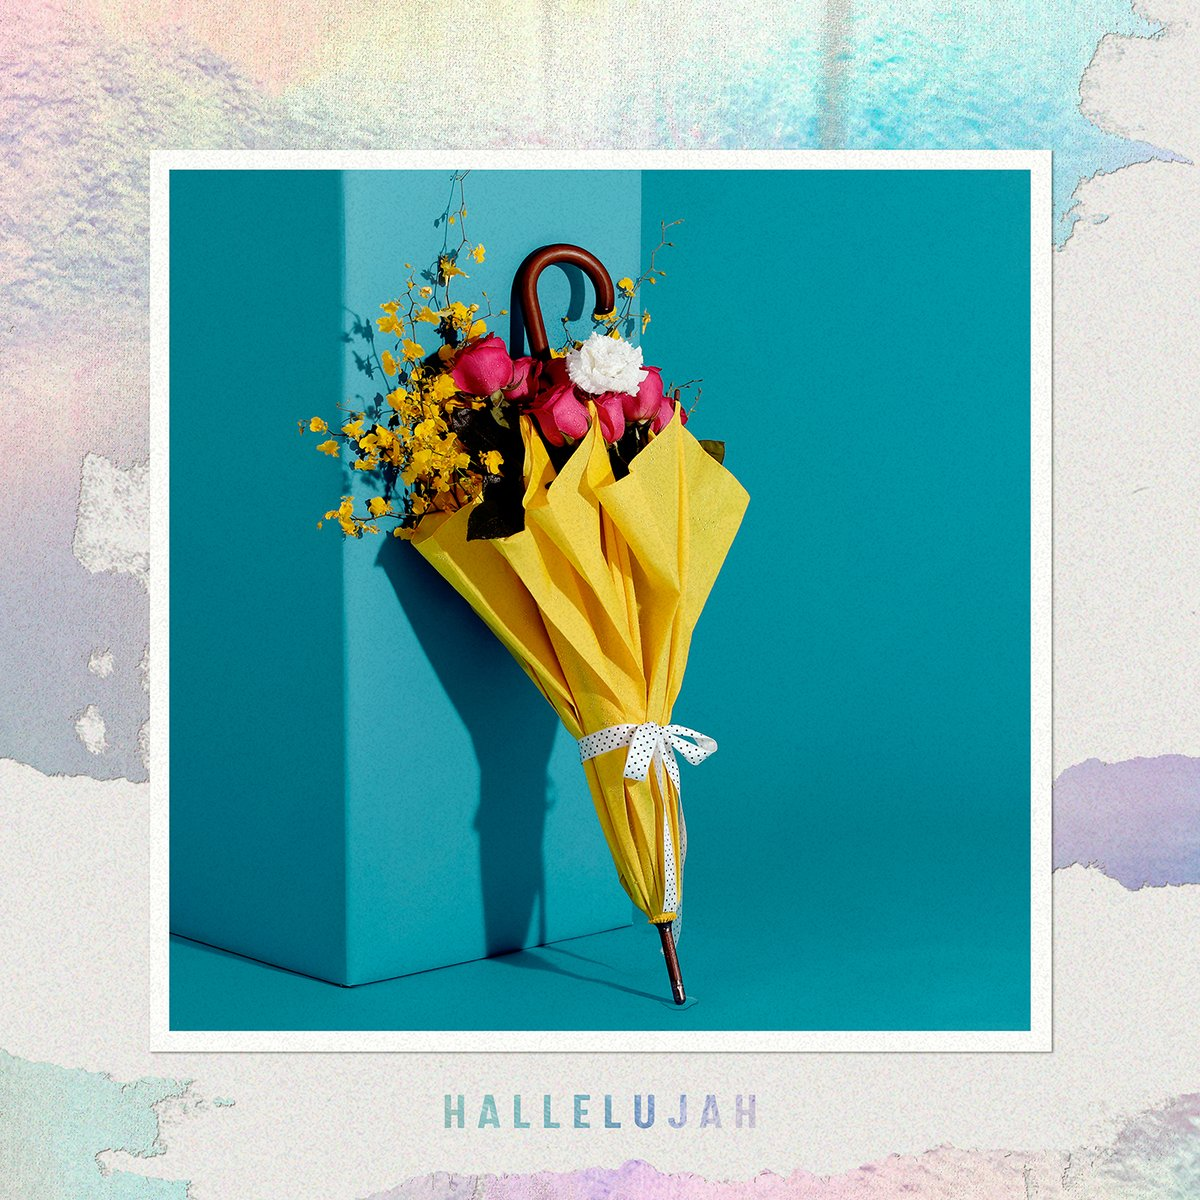 【 RADIO 】1/22配信リリースの新曲「Hallelujah」がTBSラジオの1/18週推薦曲に決定しました!詳細: